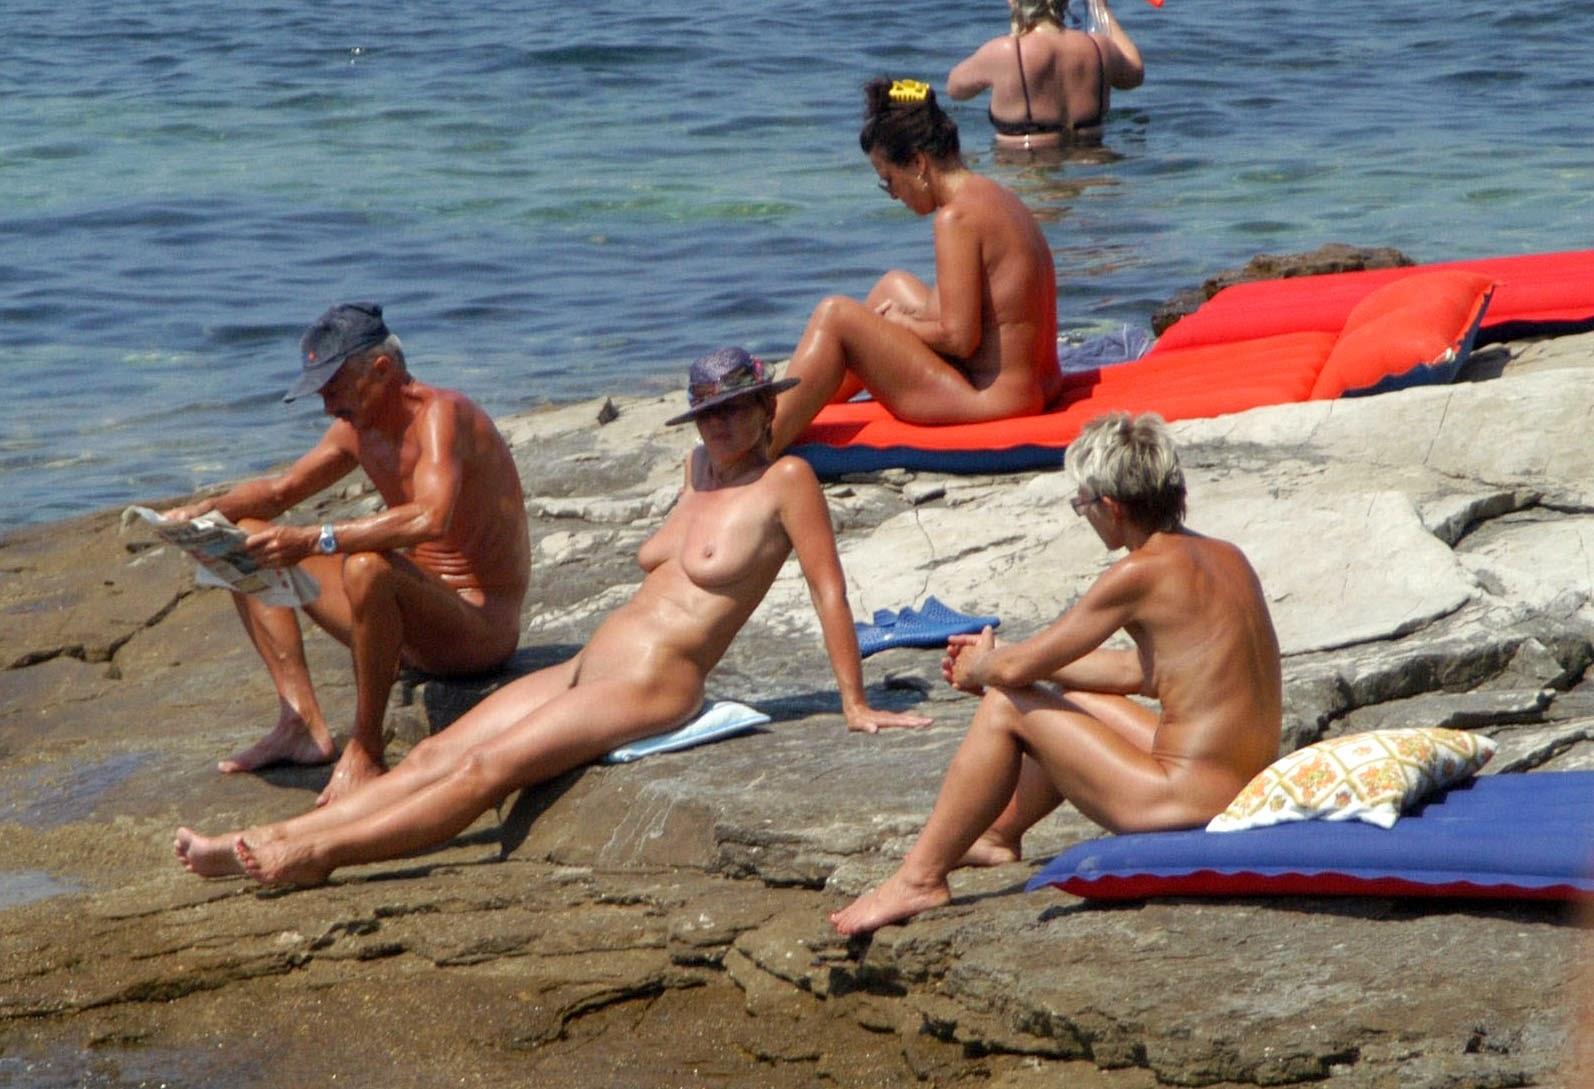 nudism and naturism